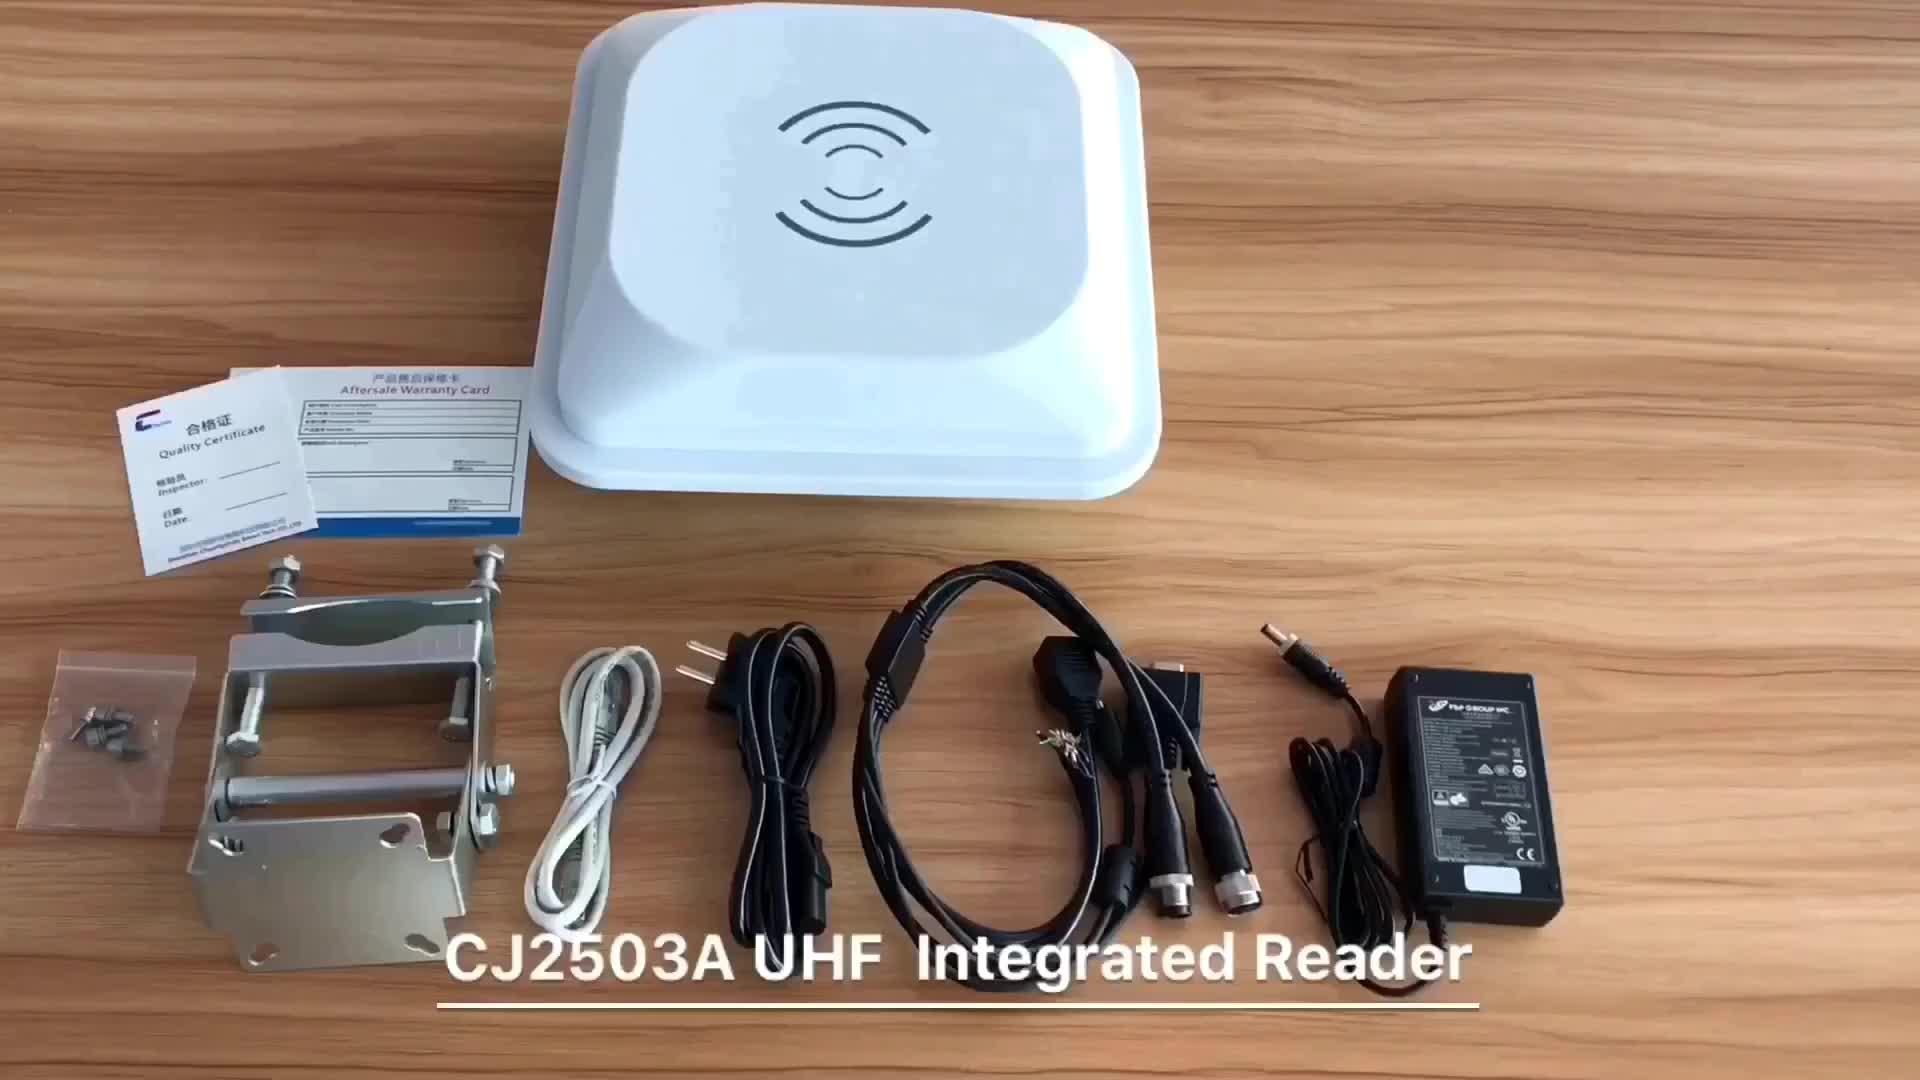 CJ2503A Impinj R2000 Lange Afstand UHF RFID Geïntegreerde Lezer